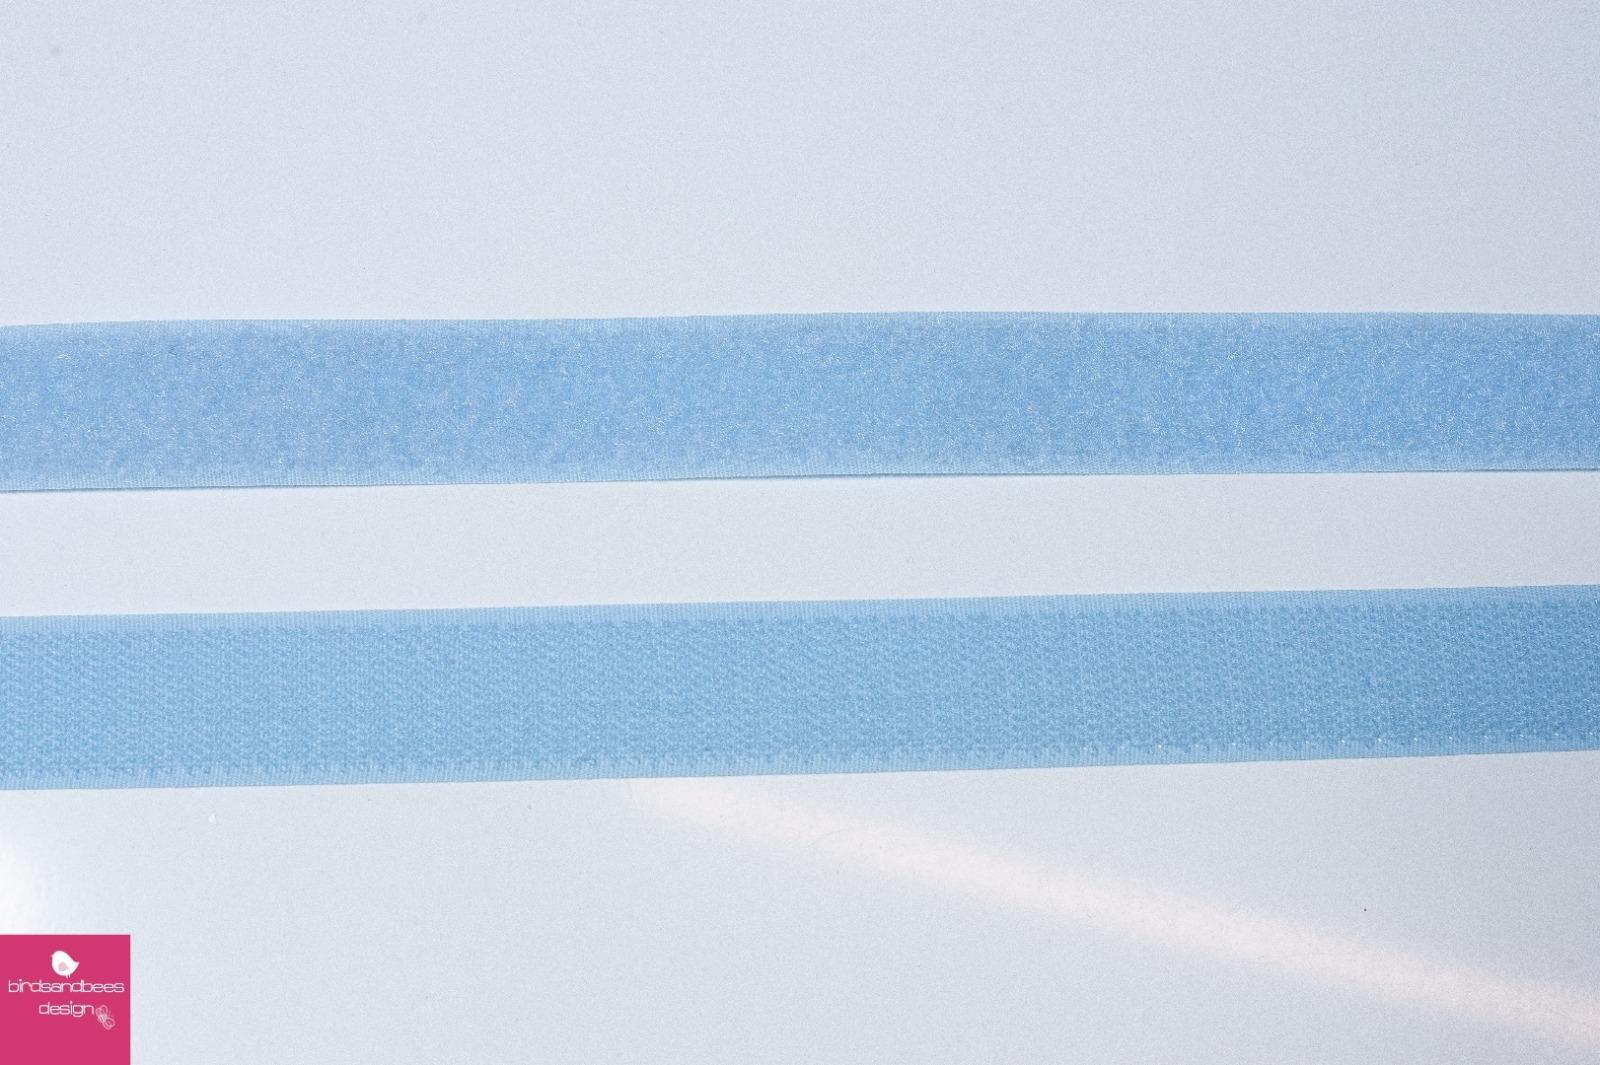 Klettband 1m 25mm - Hellblau